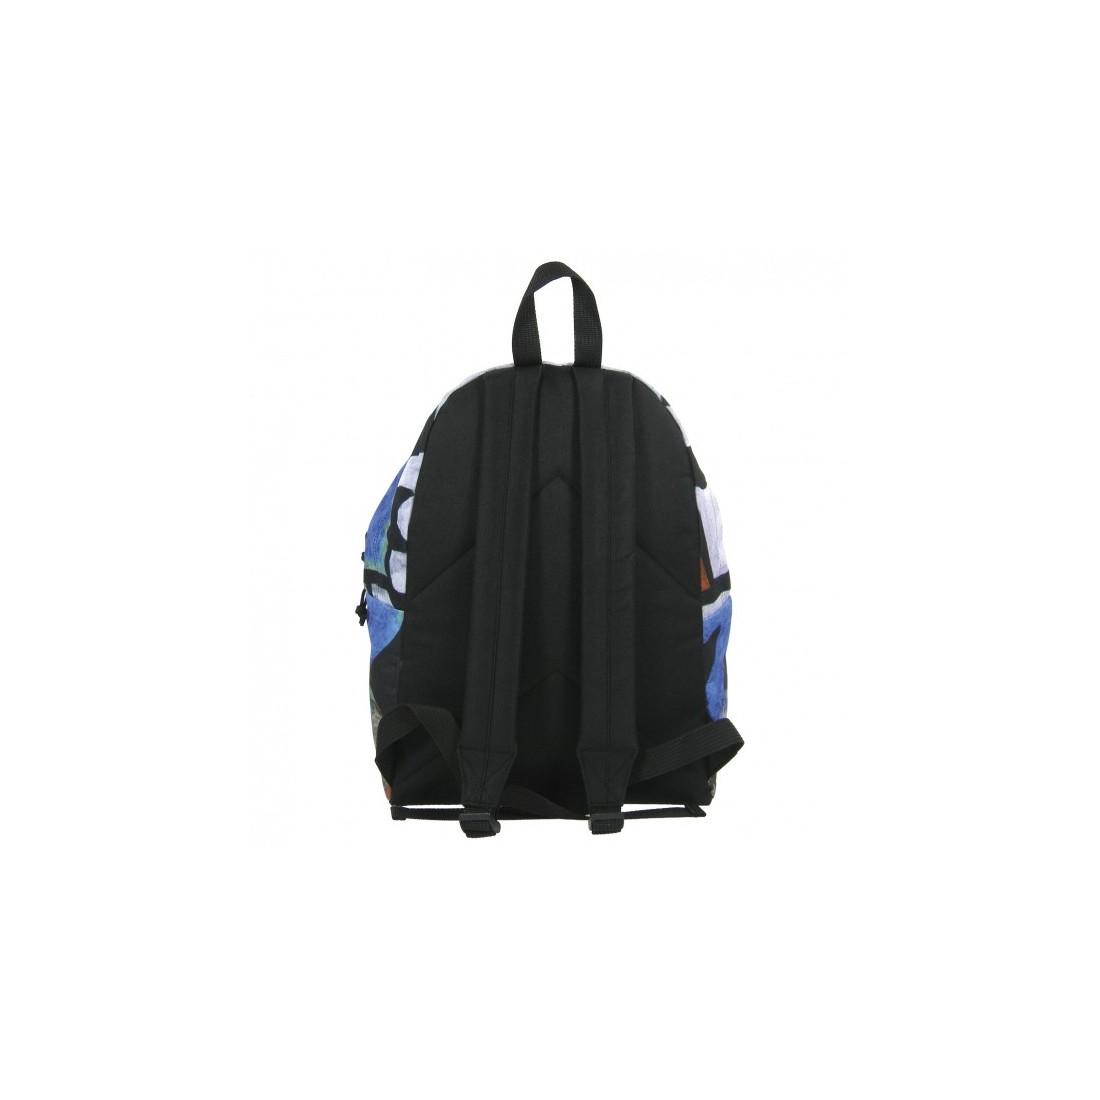 Plecak młodzieżowy Fullprint Star - plecak-tornister.pl